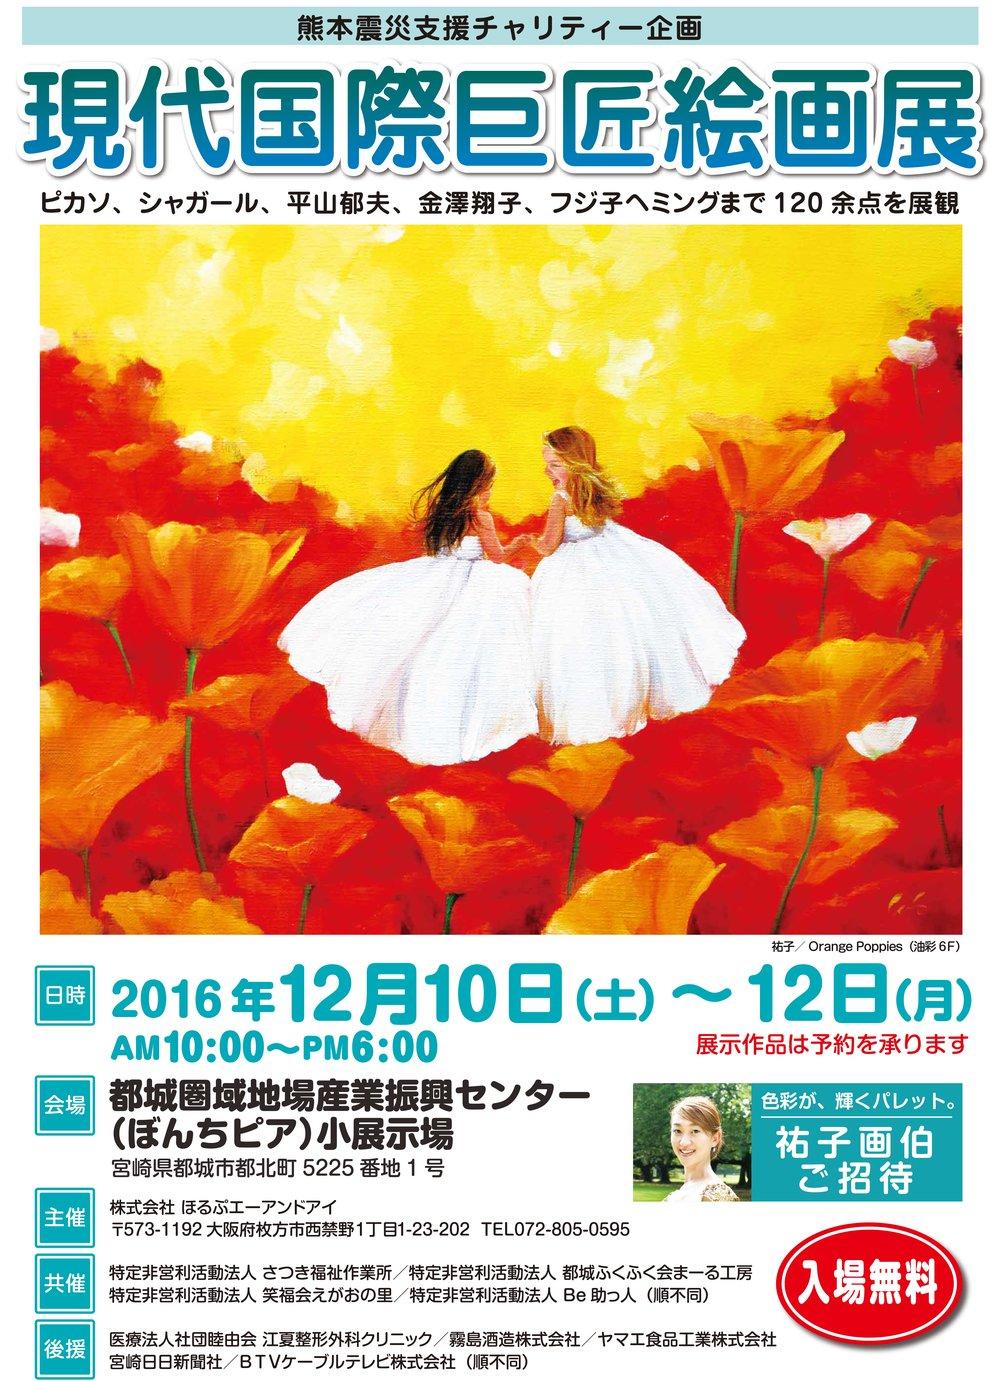 現代国際巨匠絵画展2016 ポスター